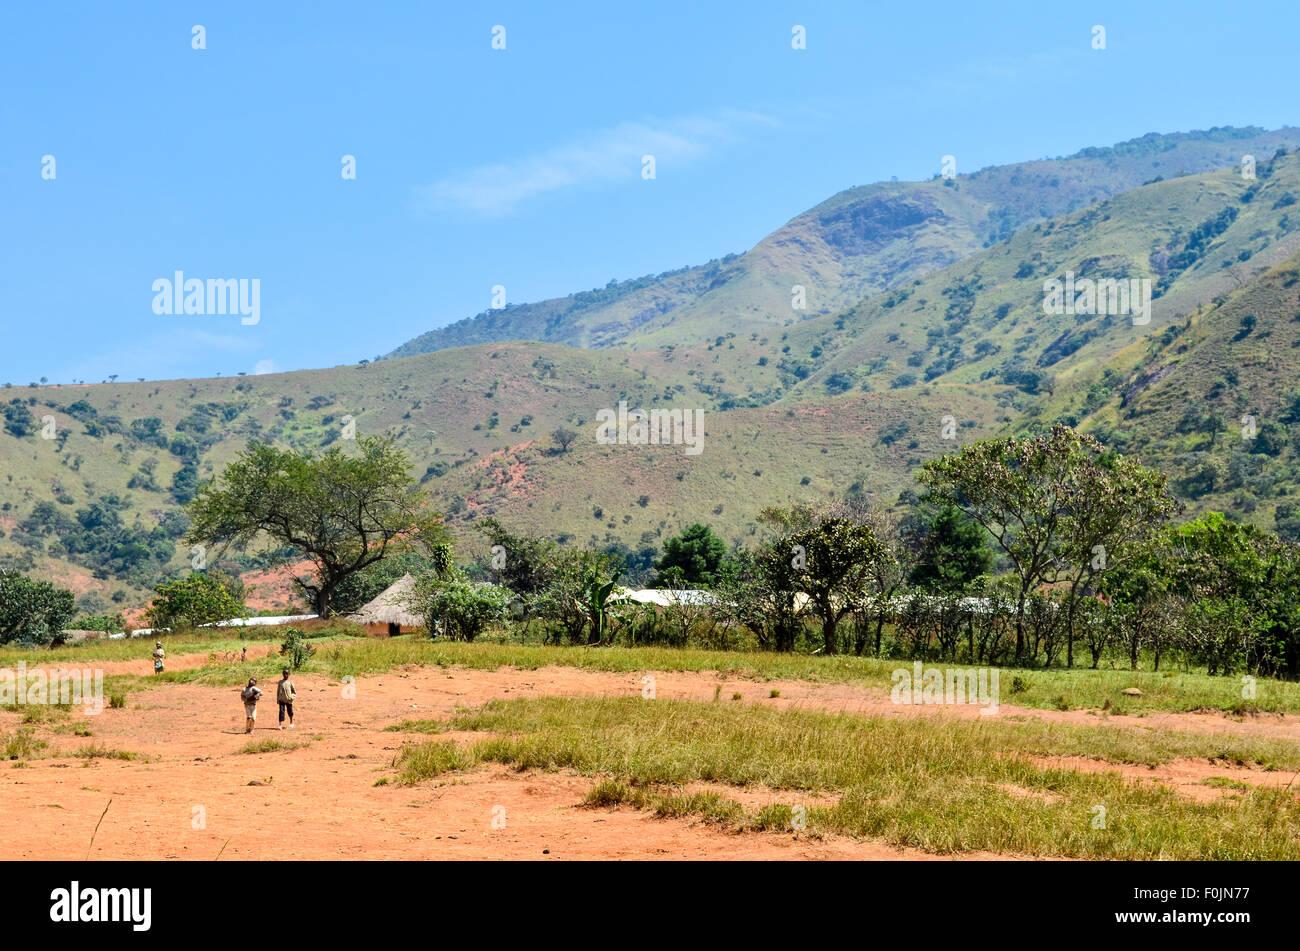 Enfants dans un champ au Cameroun Photo Stock